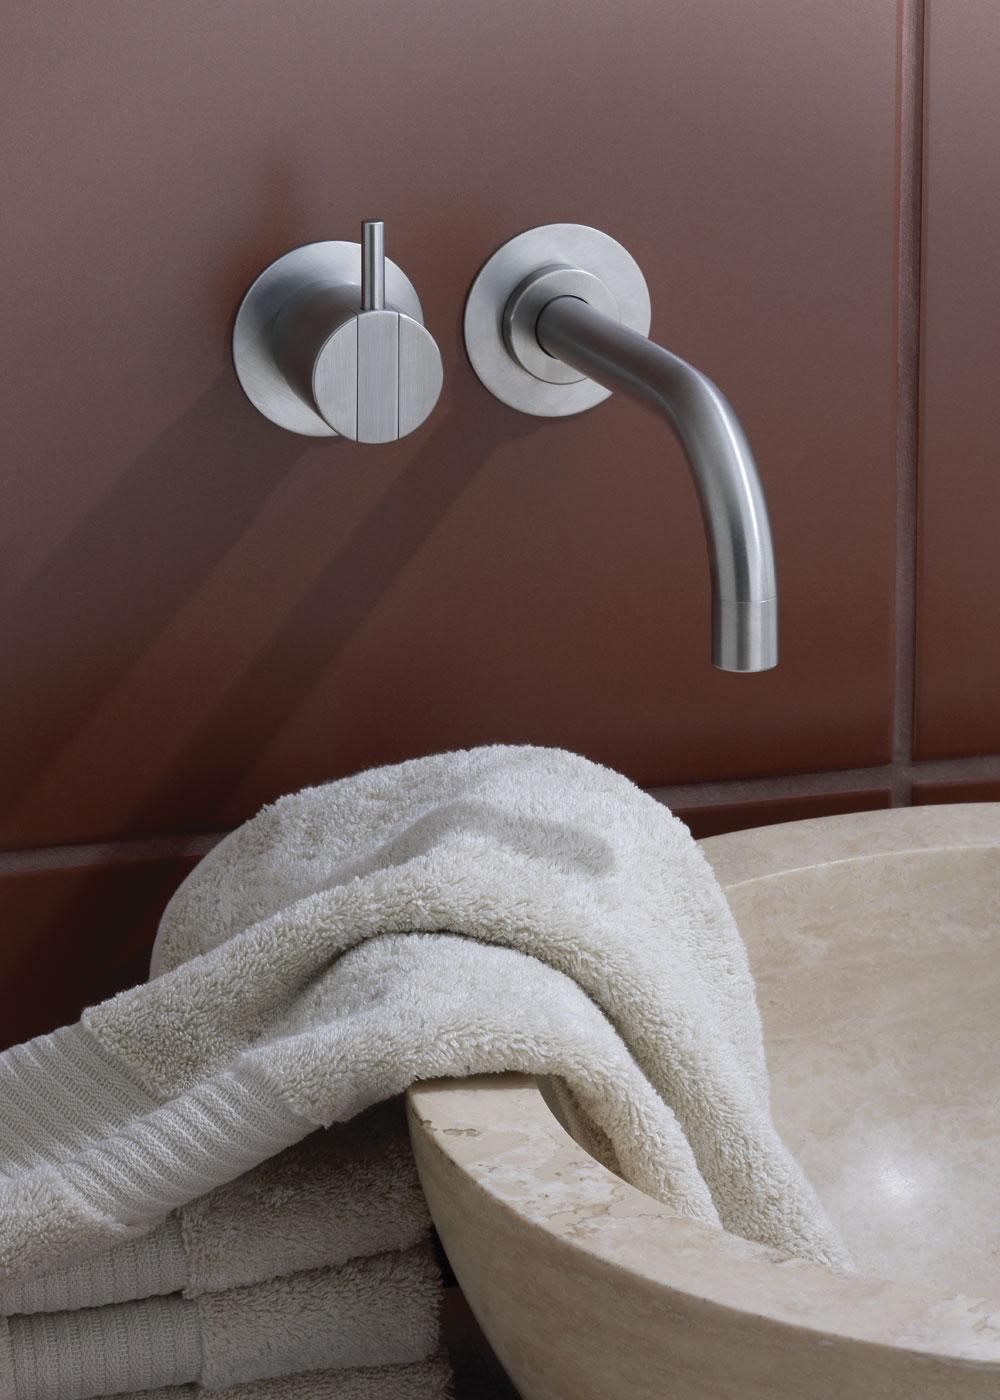 vola b redygtighed vi g r op i vores milj ansvar vola. Black Bedroom Furniture Sets. Home Design Ideas